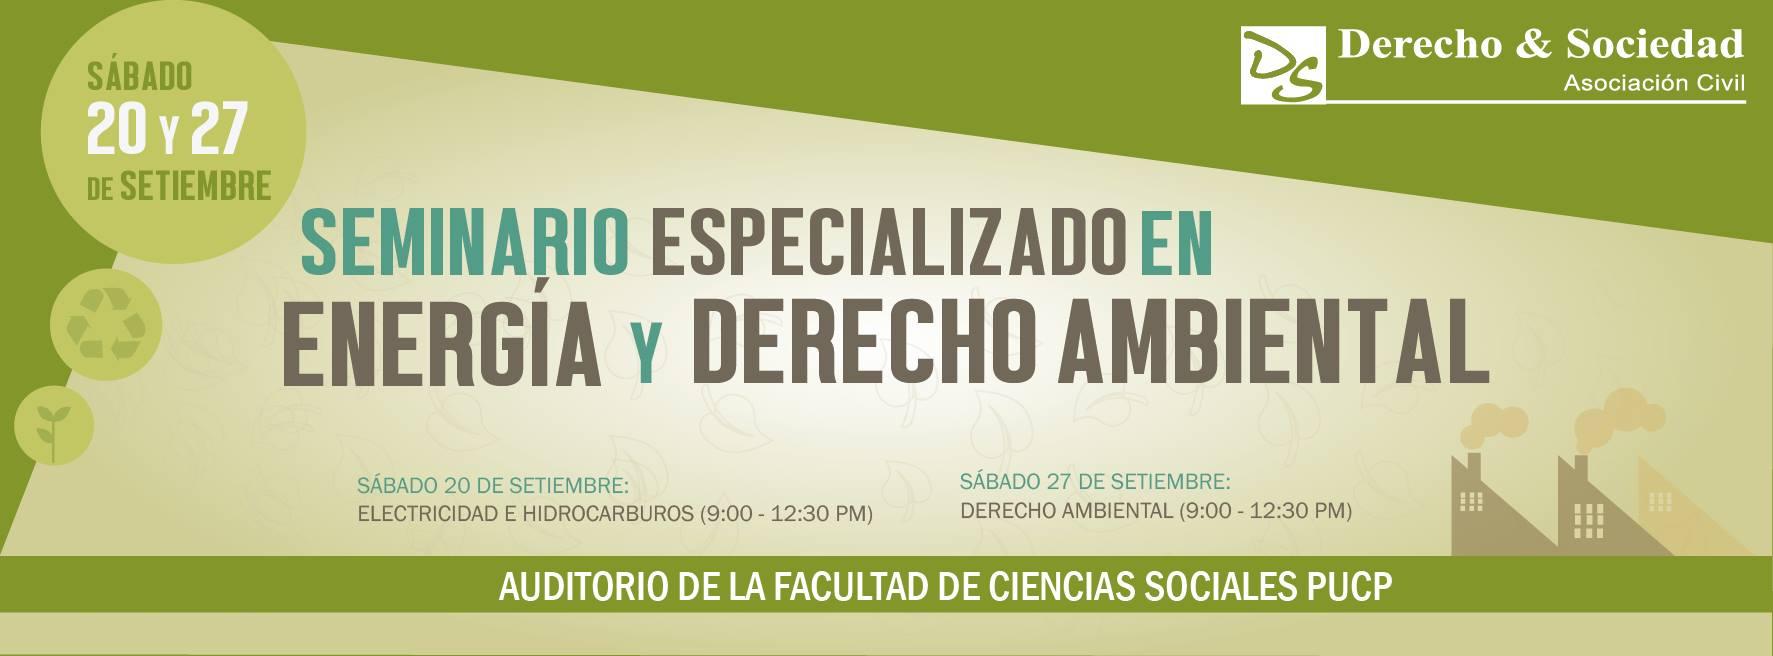 Seminario Especializado en Energía y Derecho Ambiental